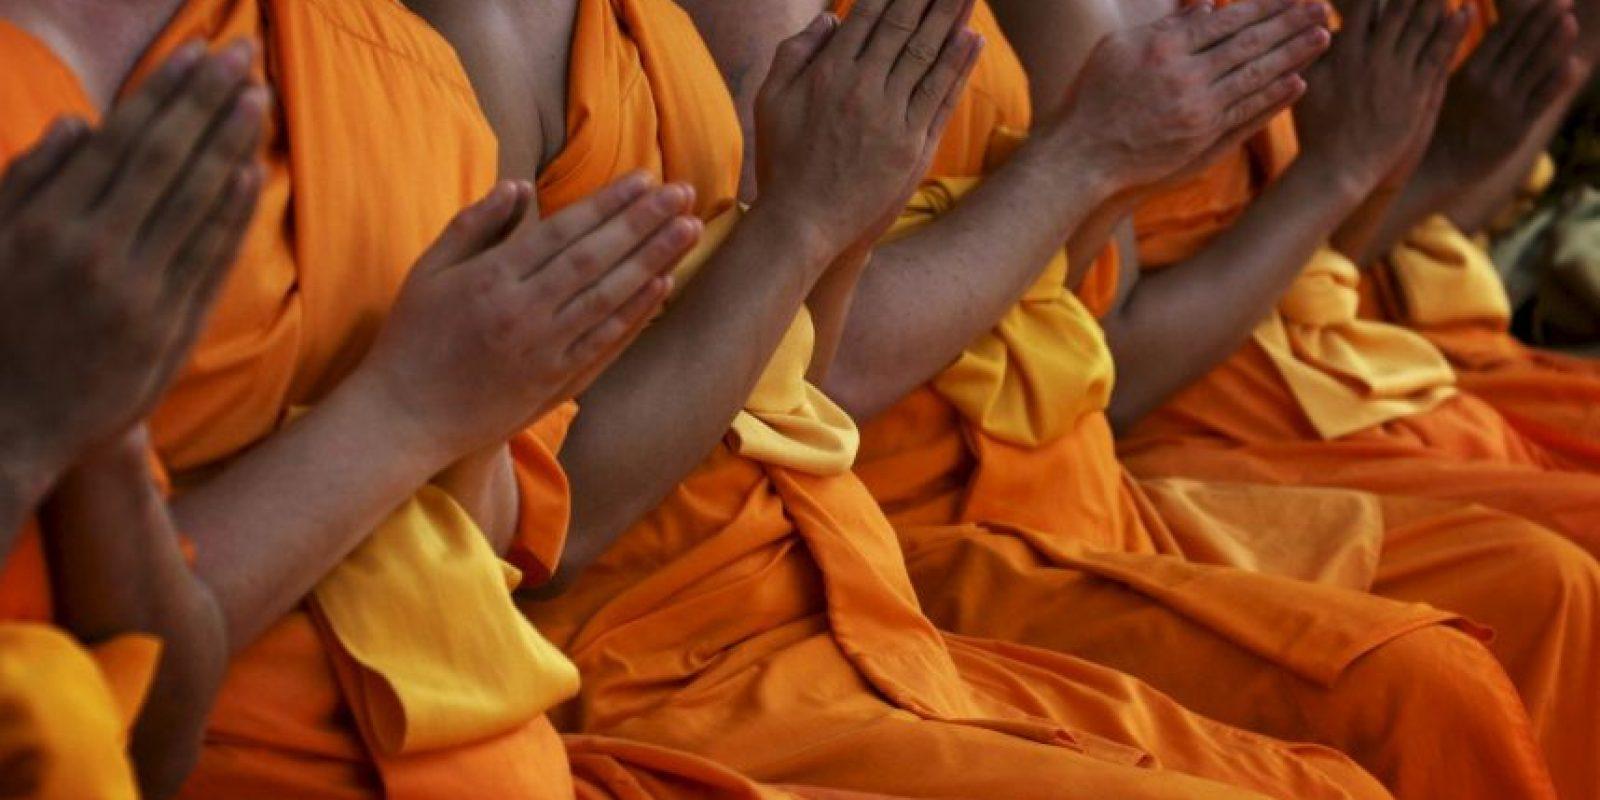 Jon Kabat-Zinn, maestro de meditación reconocido e investigador de los Estados Unidos, encontró que puede reducir la depresión, la ansiedad y el dolor. Foto:Getty Images